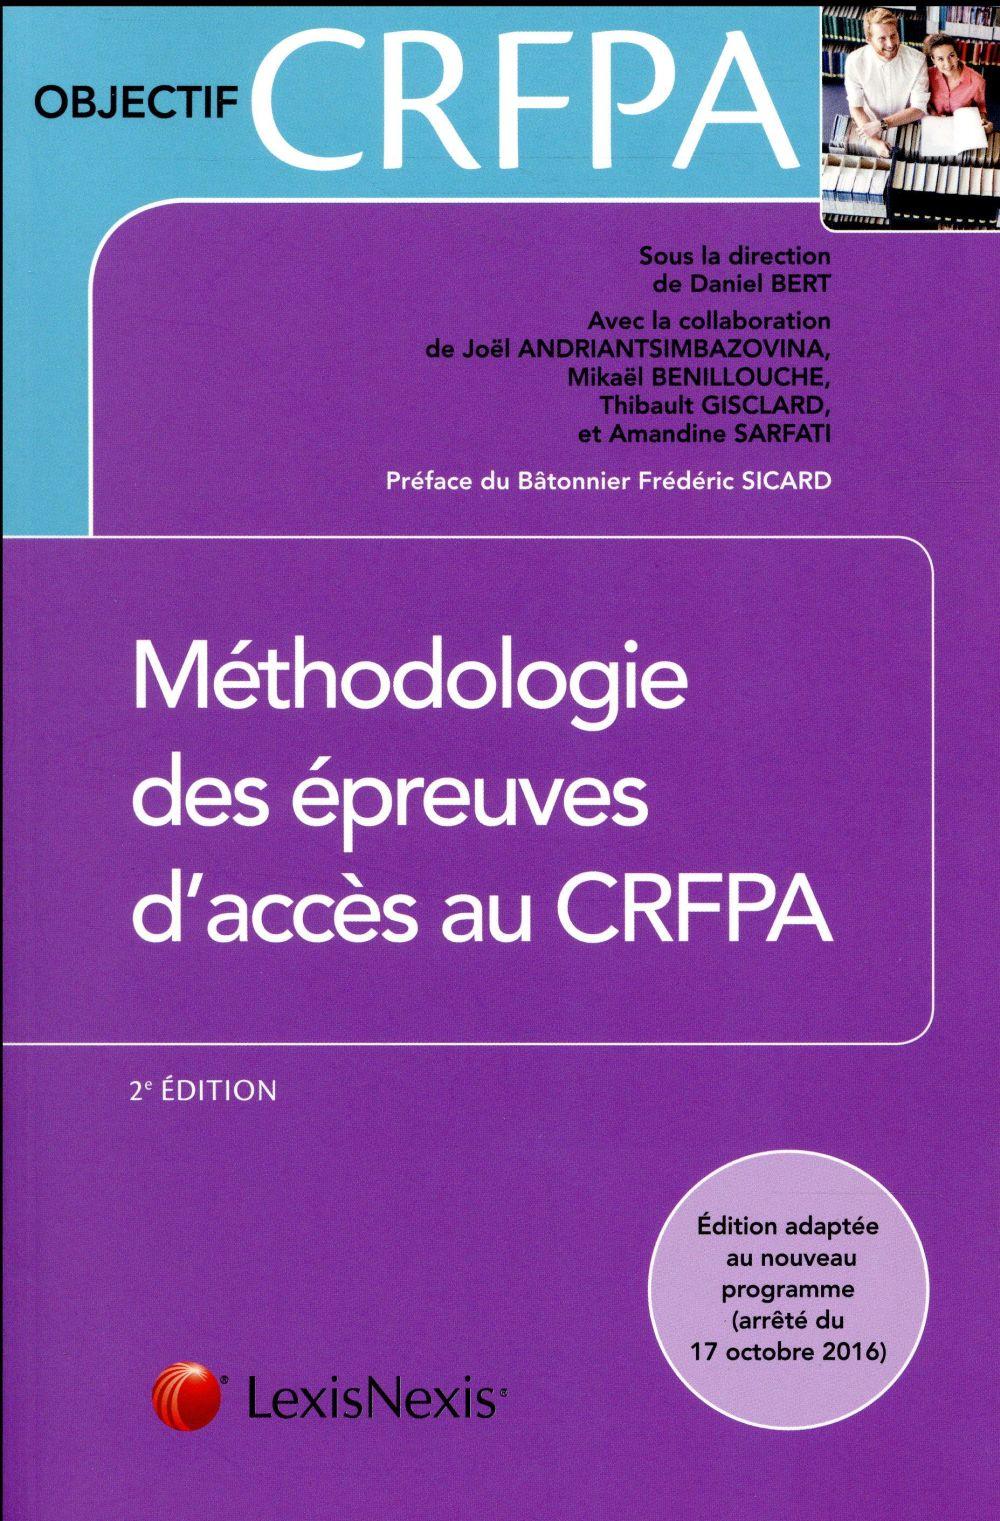 Méthodologie des épreuves d'accès au crfpa (2e édition)